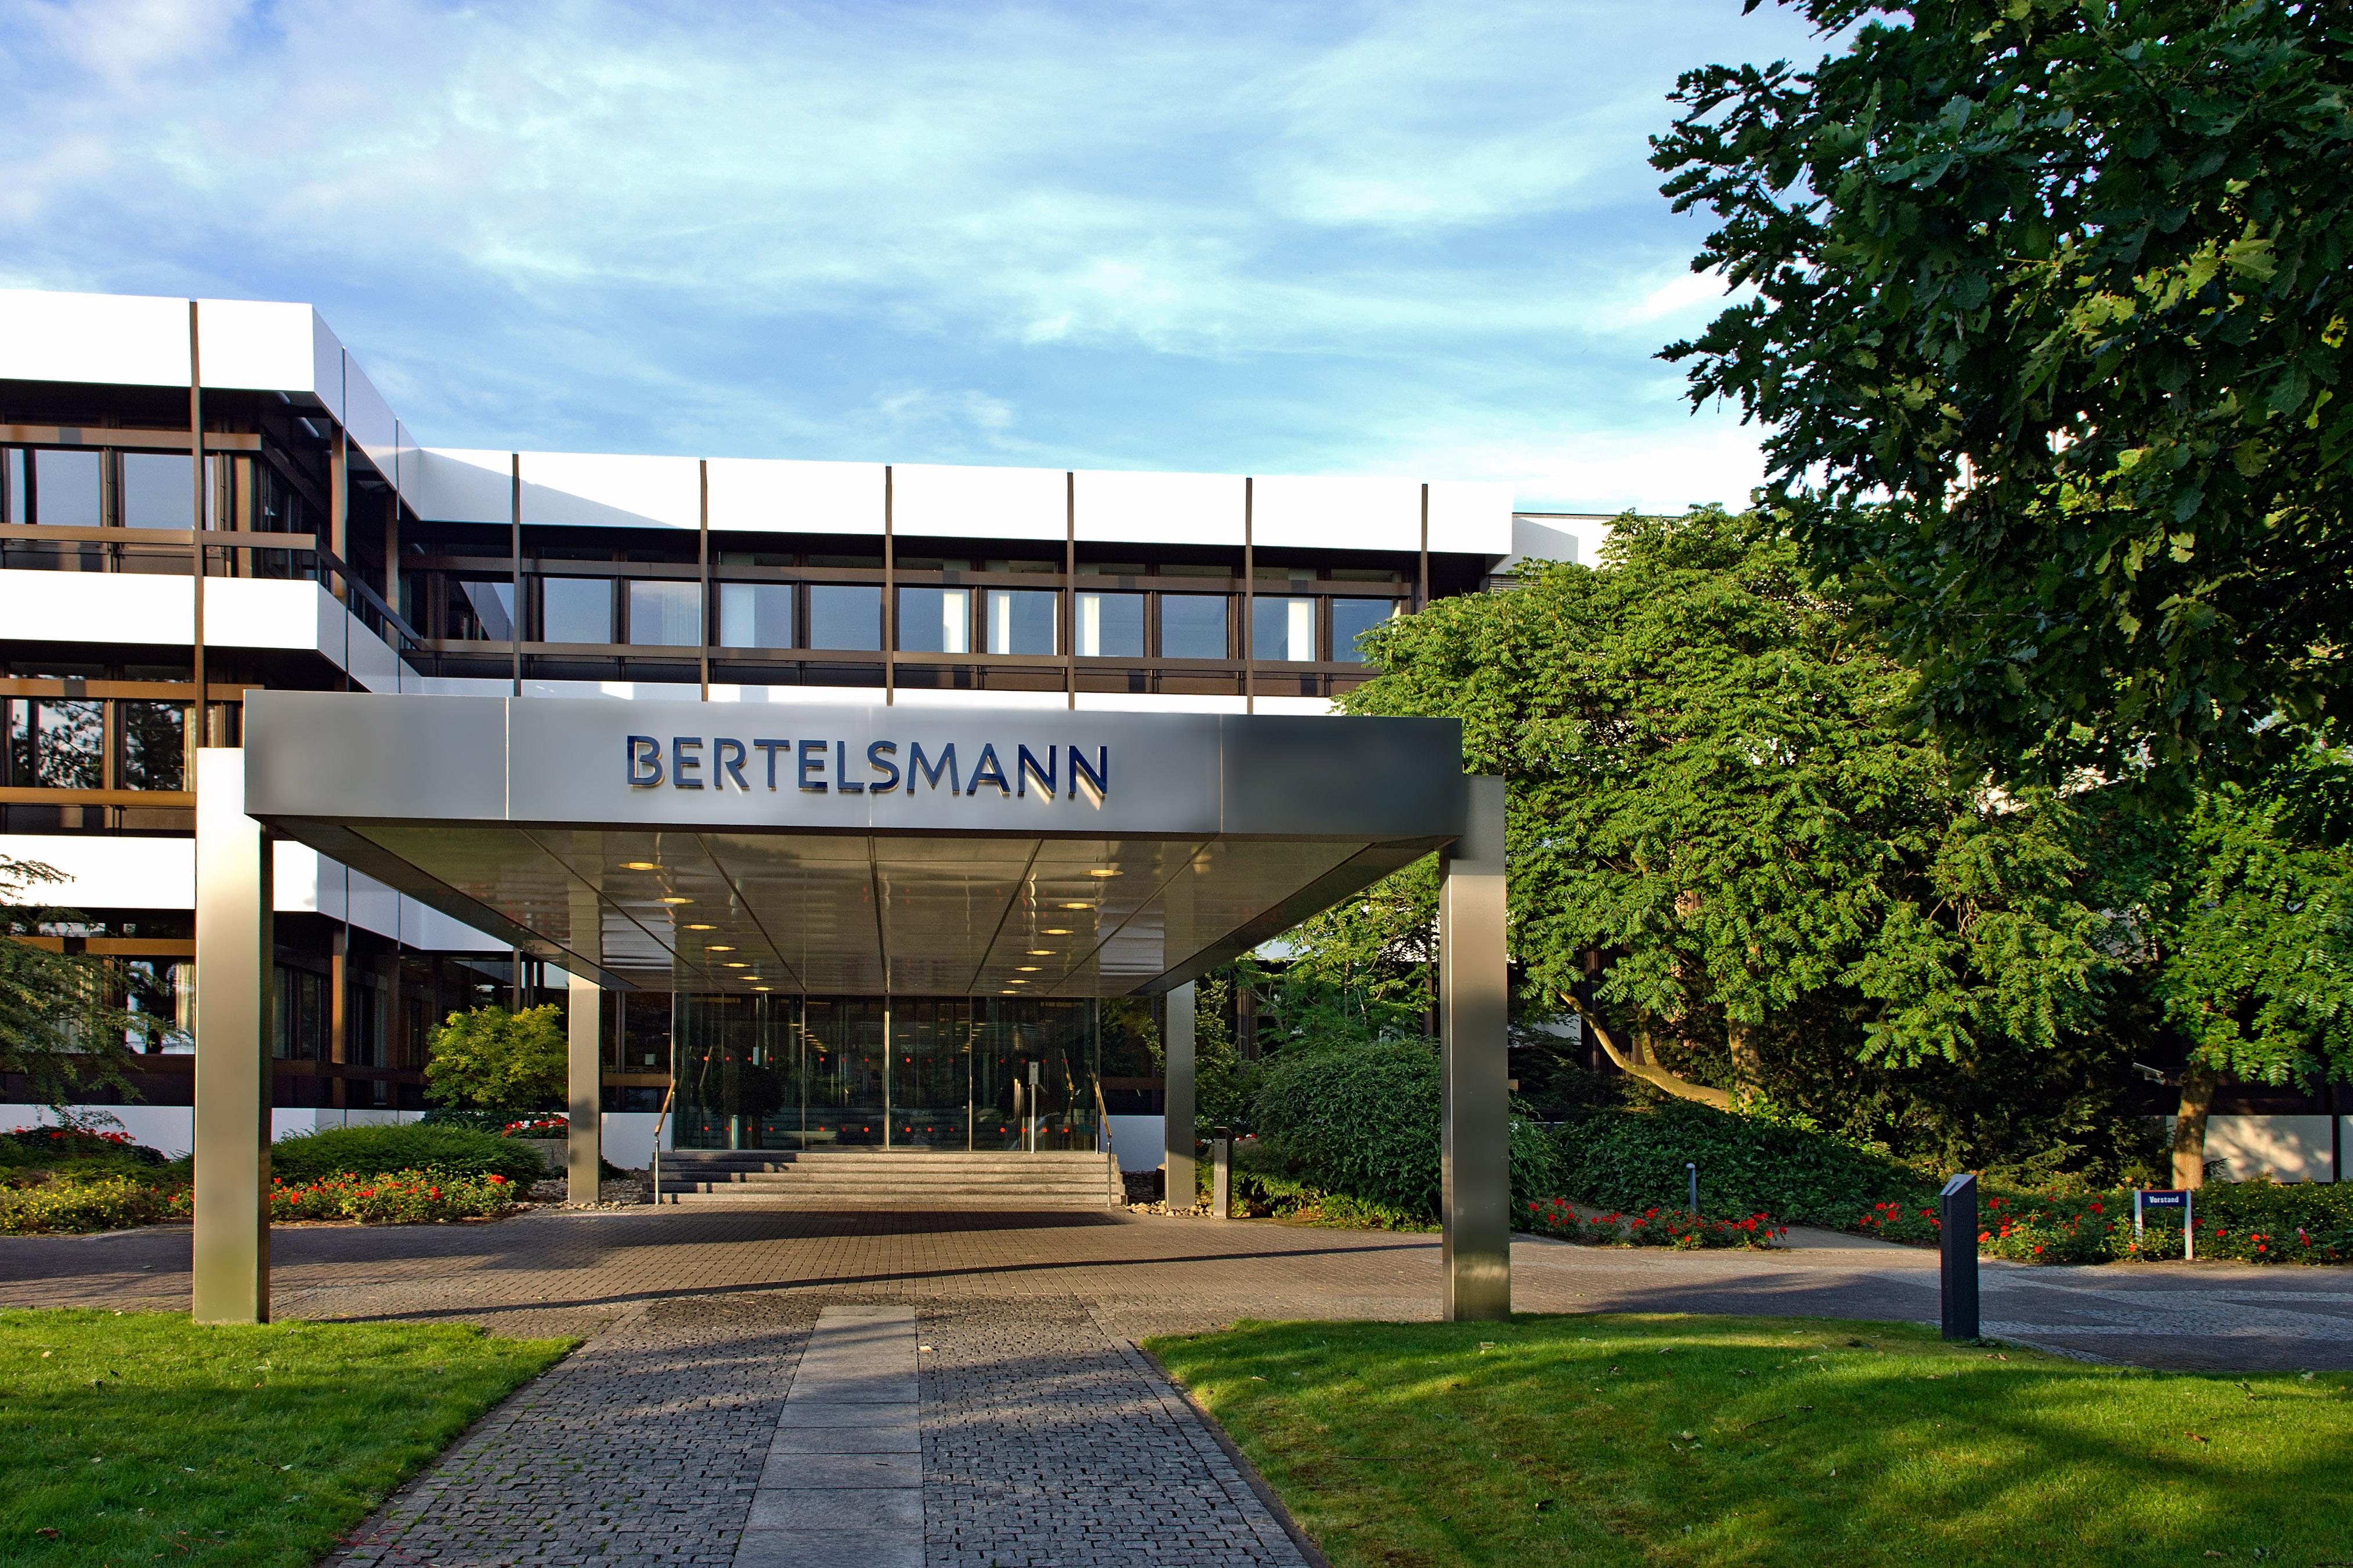 Bertelsmann - Wikipedia